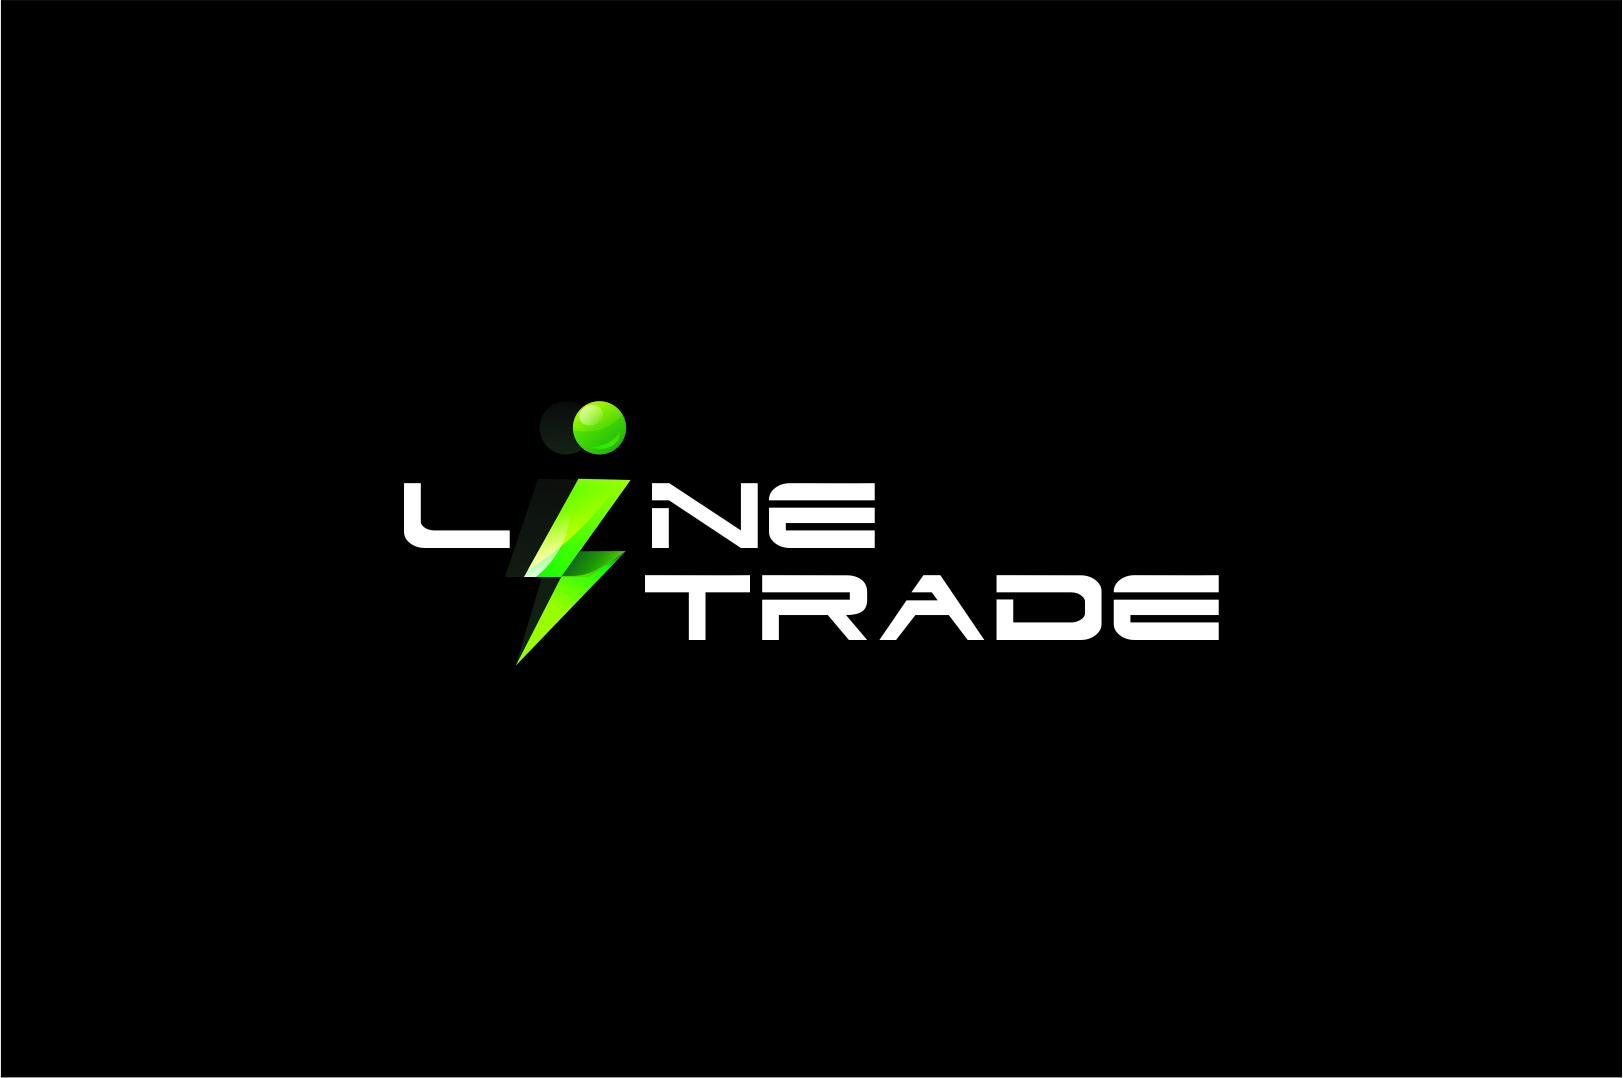 Разработка логотипа компании Line Trade фото f_35050f907fa97fc9.jpg